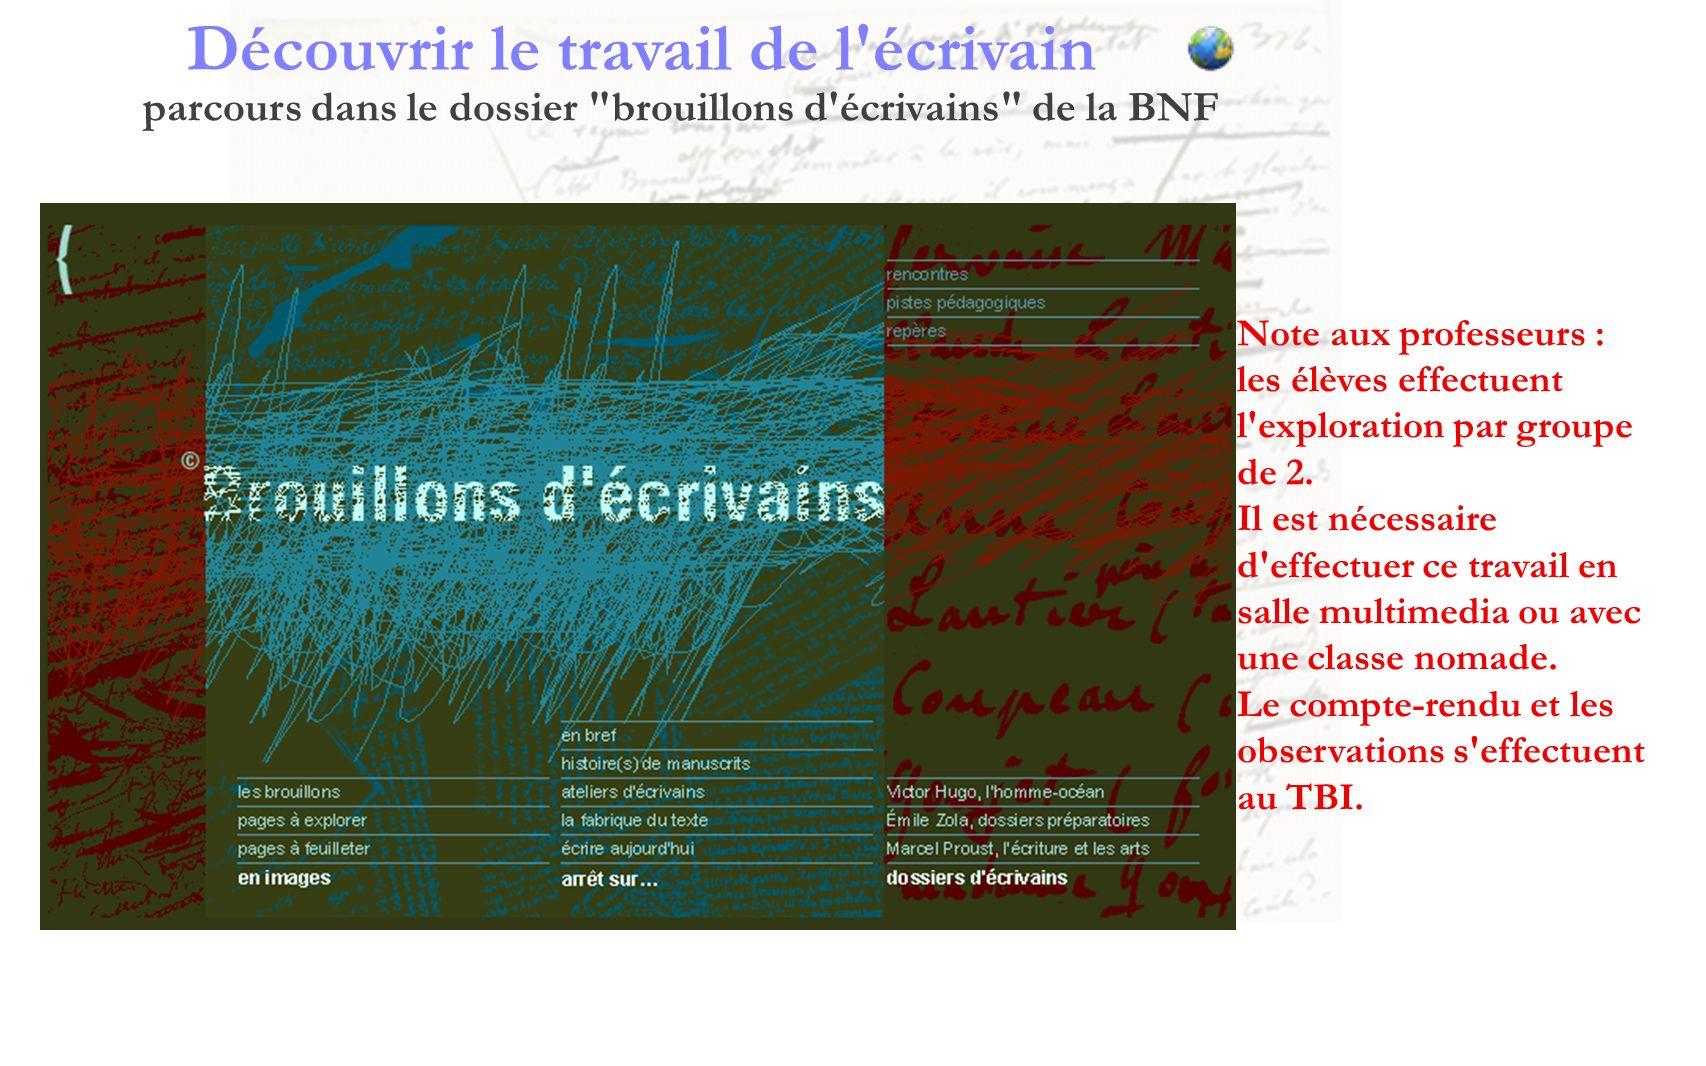 Découvrir le travail de l écrivain parcours dans le dossier brouillons d écrivains de la BNF 1.